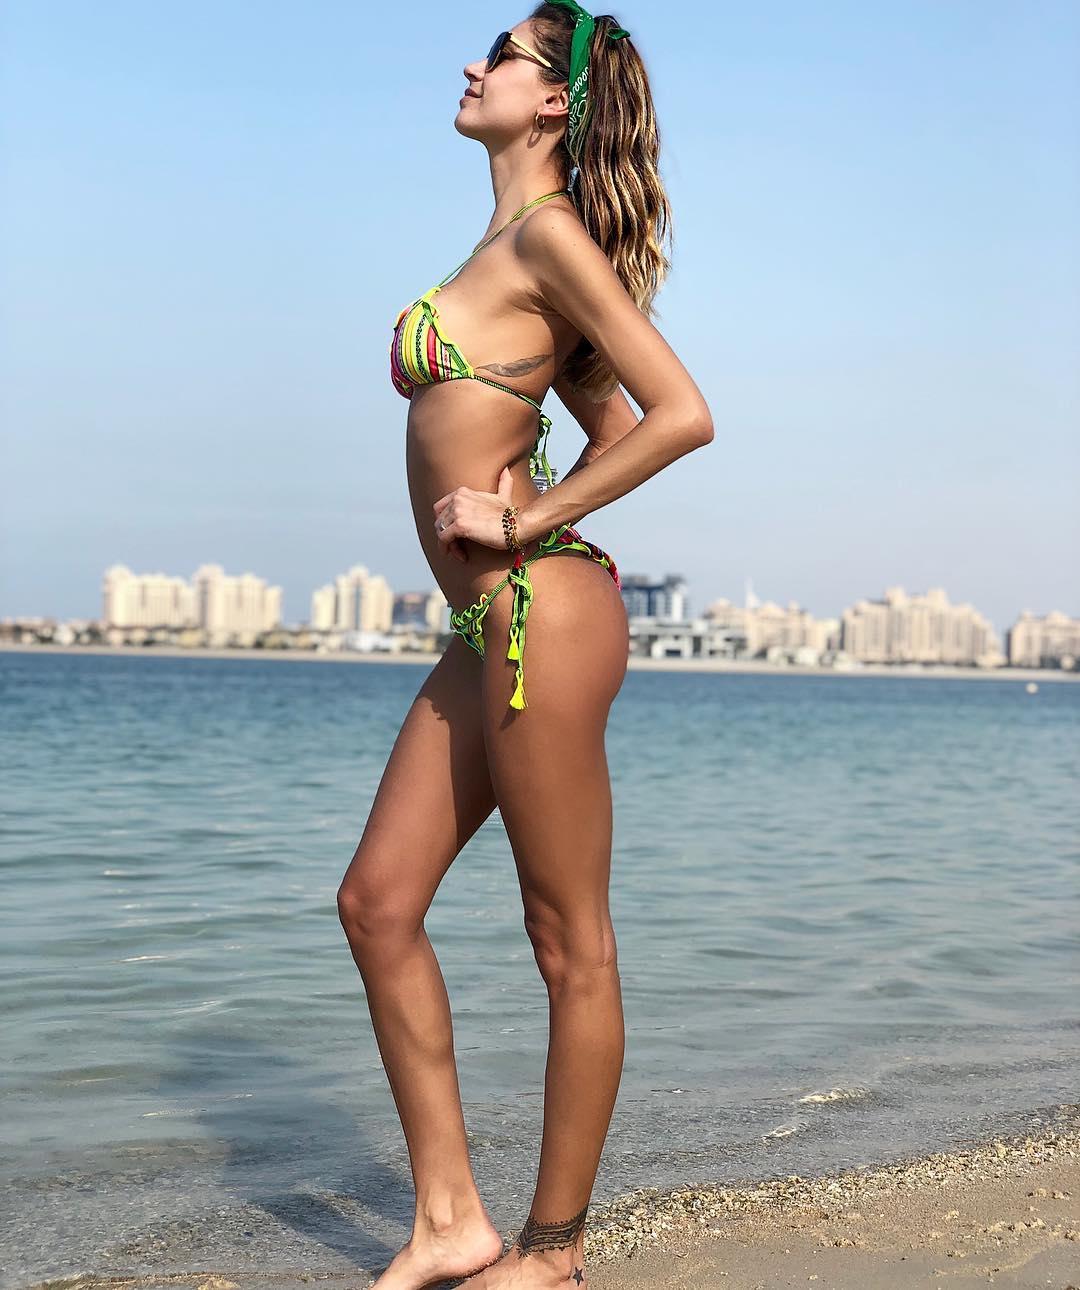 Calendario Melissa Satta.Melissa Satta Hot Sulle Spiagge Di Dubai Il Bikini Manda In